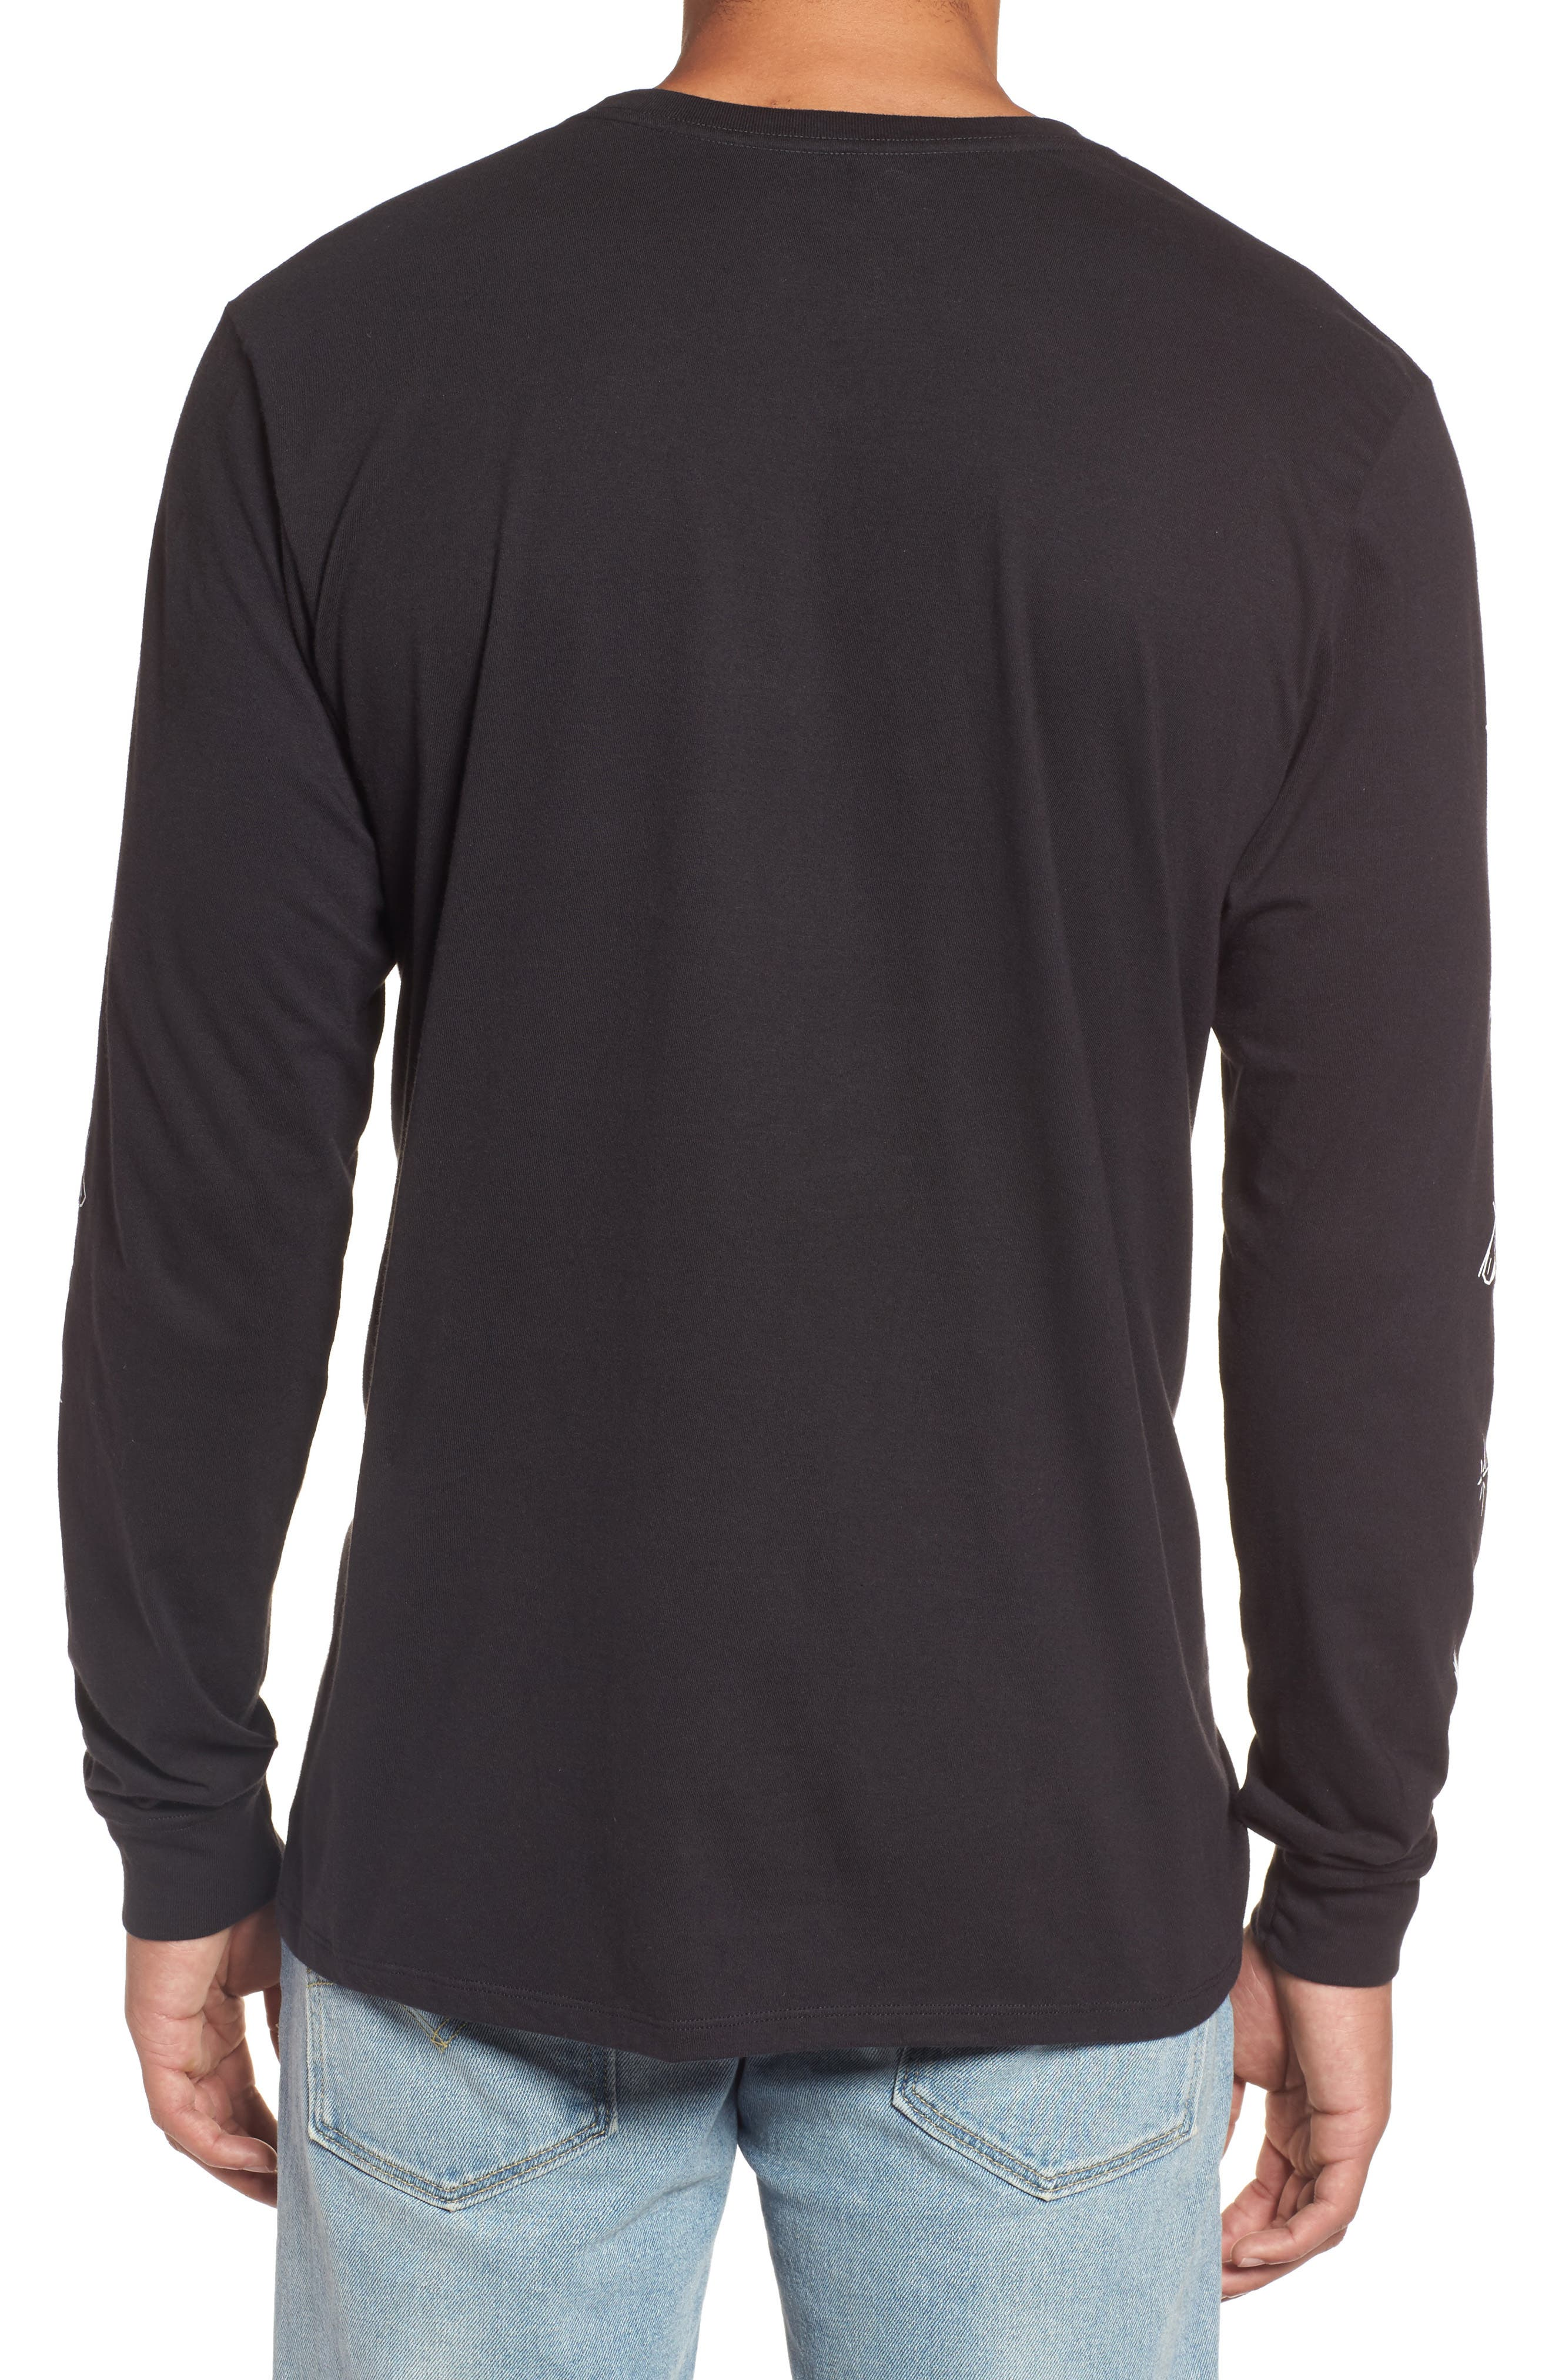 x Pendleton Long Sleeve T-Shirt,                             Alternate thumbnail 2, color,                             010